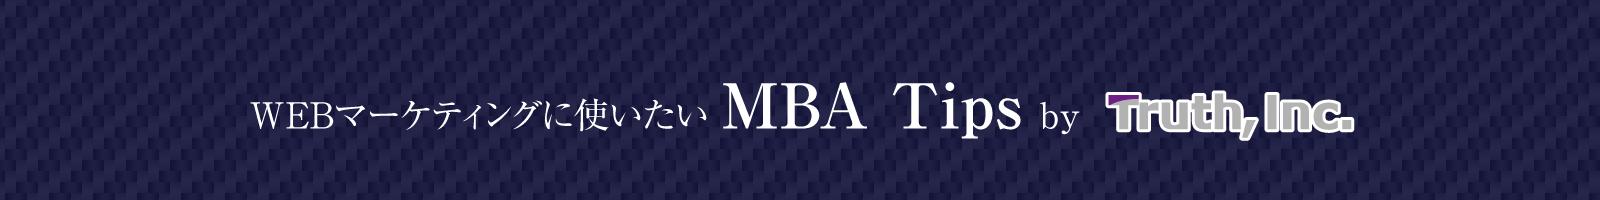 WEBマーケティングに使いたいMBA Tips by Truth, Inc.